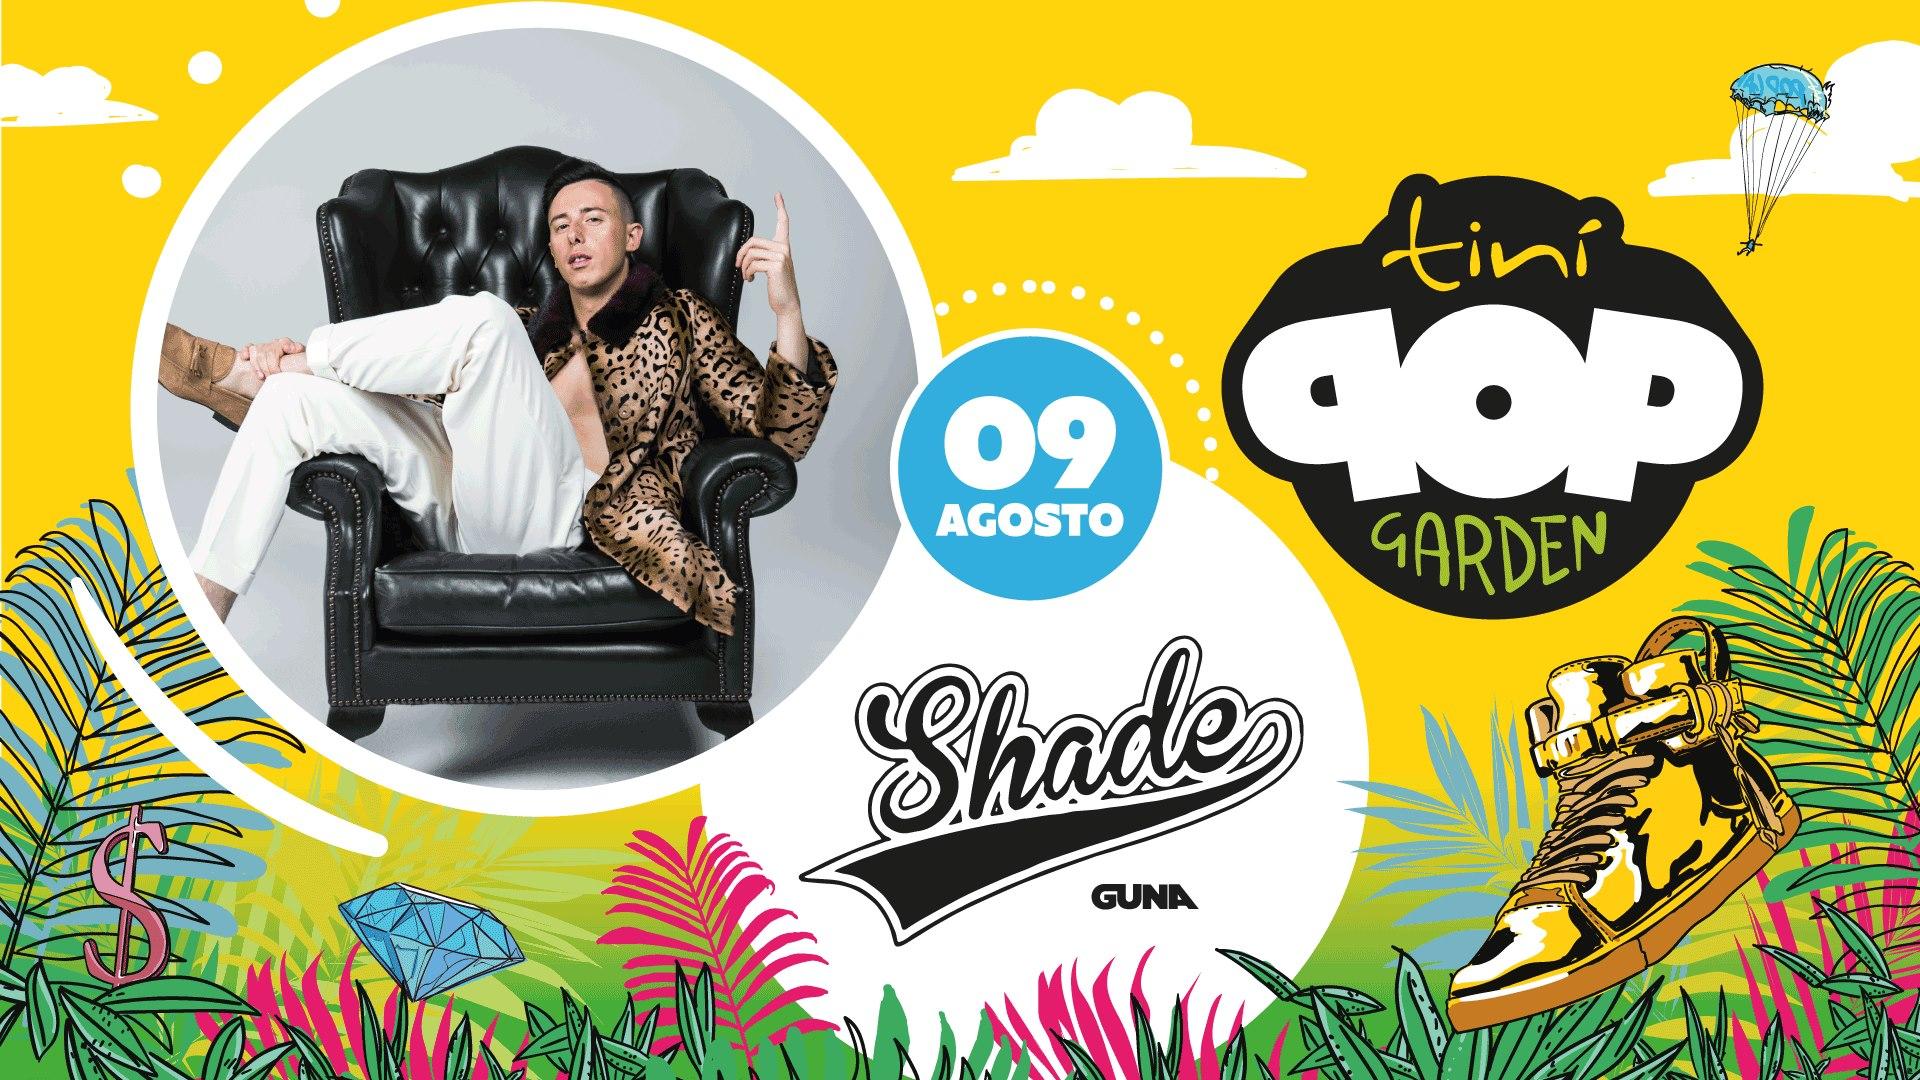 """Shade – Tini SoundGarden Cecina """"Pop Garden"""" – Venerdì 09 Agosto 2019 – Ticket e Pacchetti Hotel"""